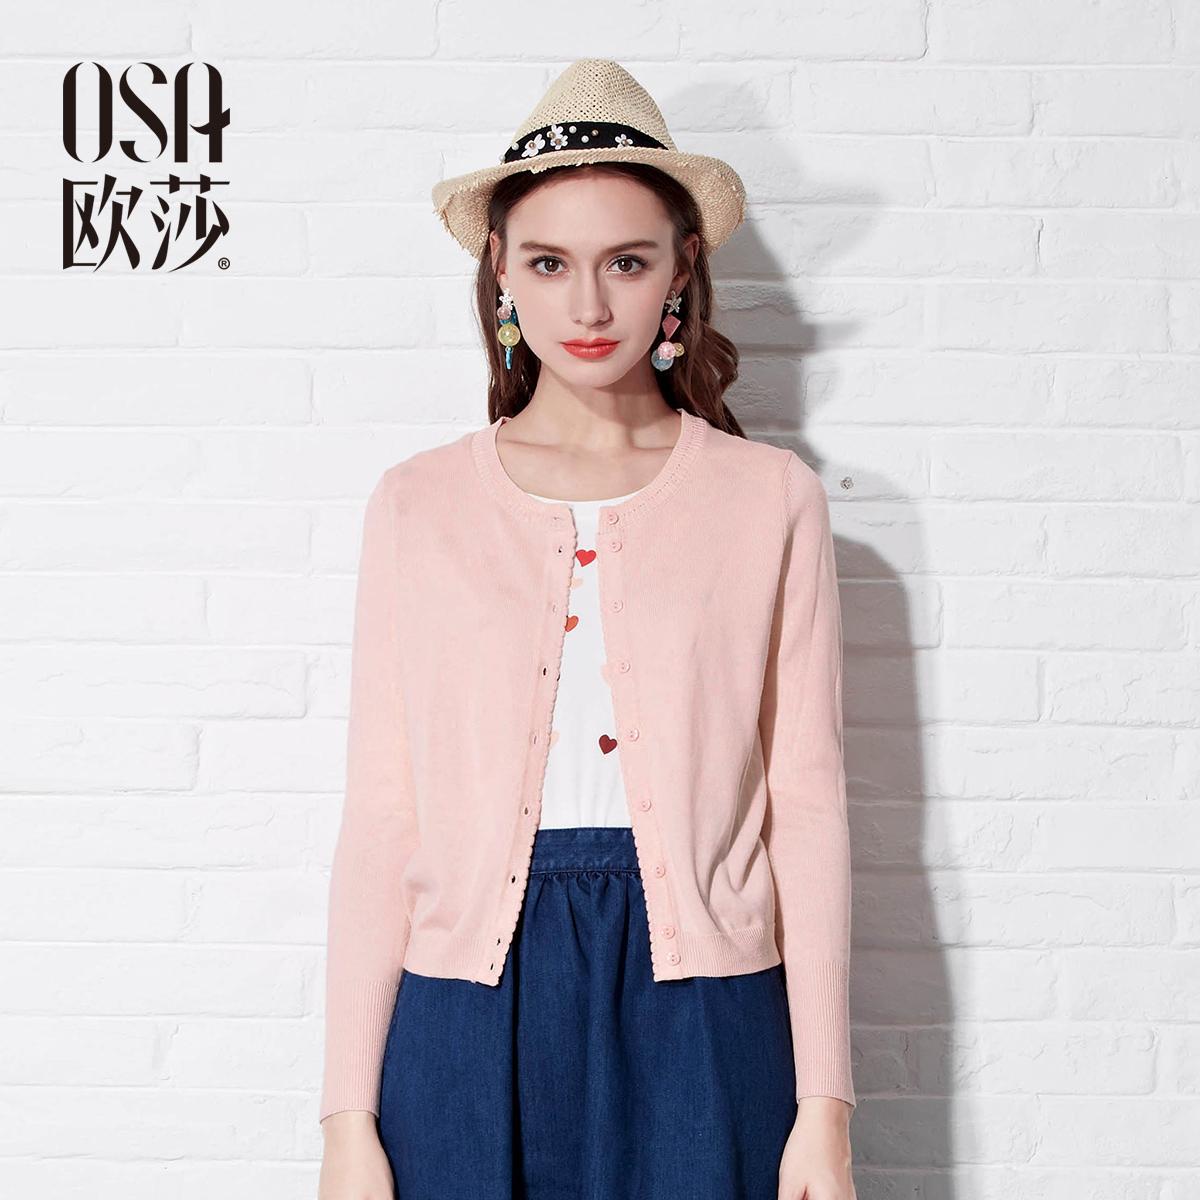 歐莎 女裝外套薄款寬鬆長袖針織衫開衫女秋短款C16011